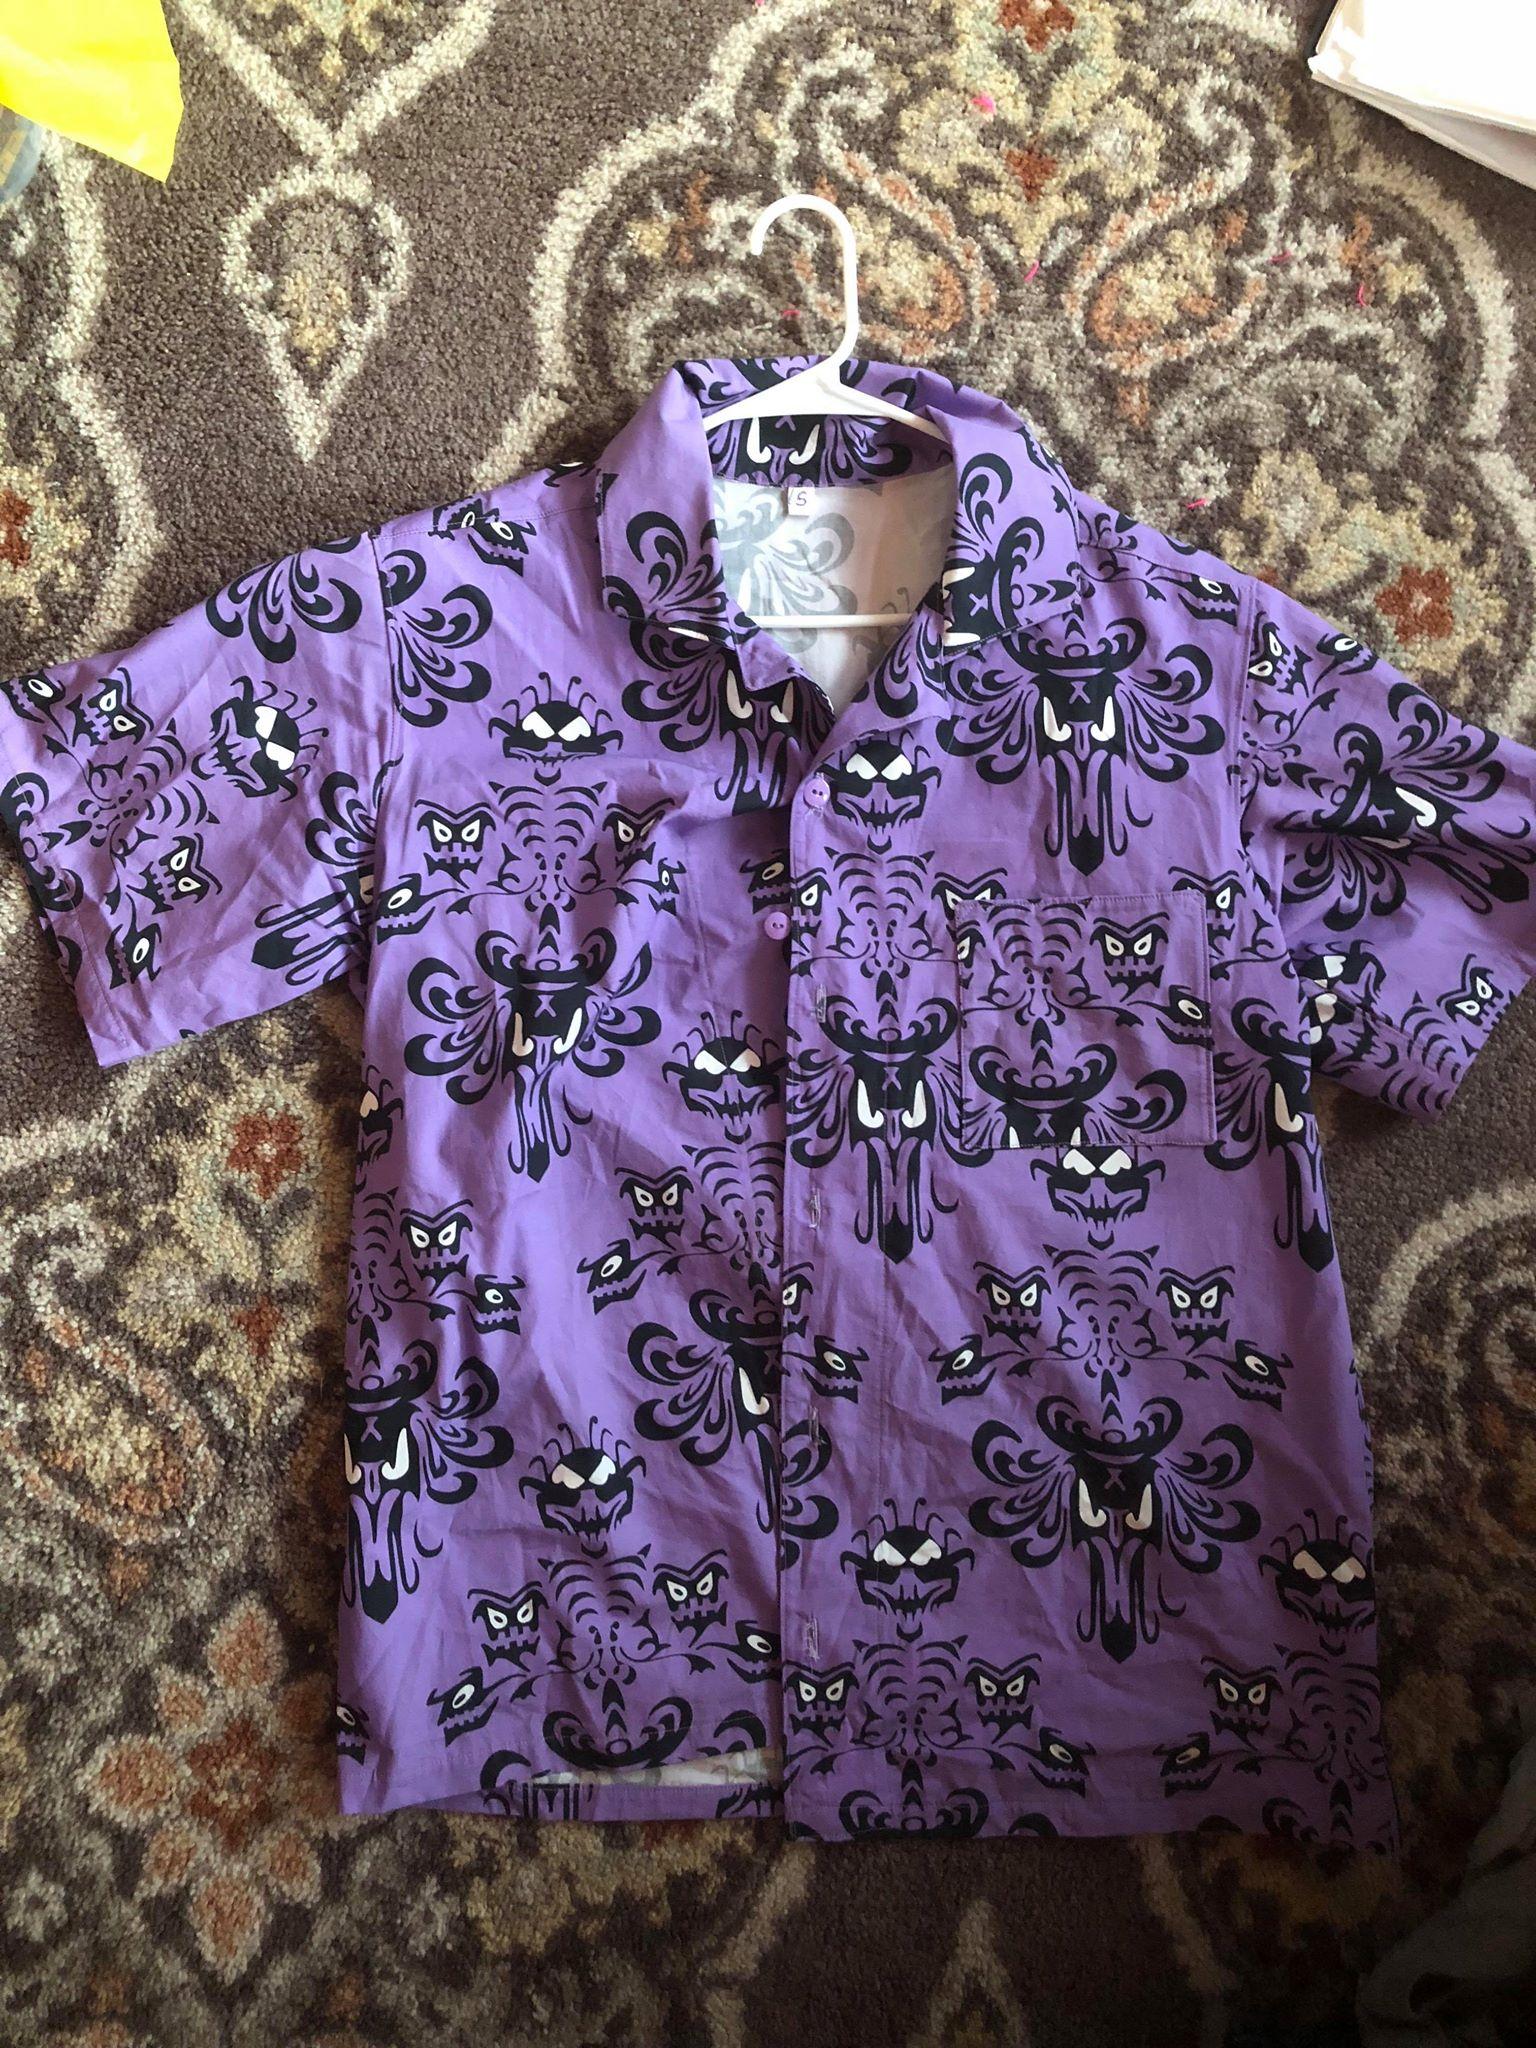 ca7c4885f Enthralling Selling Hawaiian Shirts On Ebay Custom Hawaiian Shirts ...